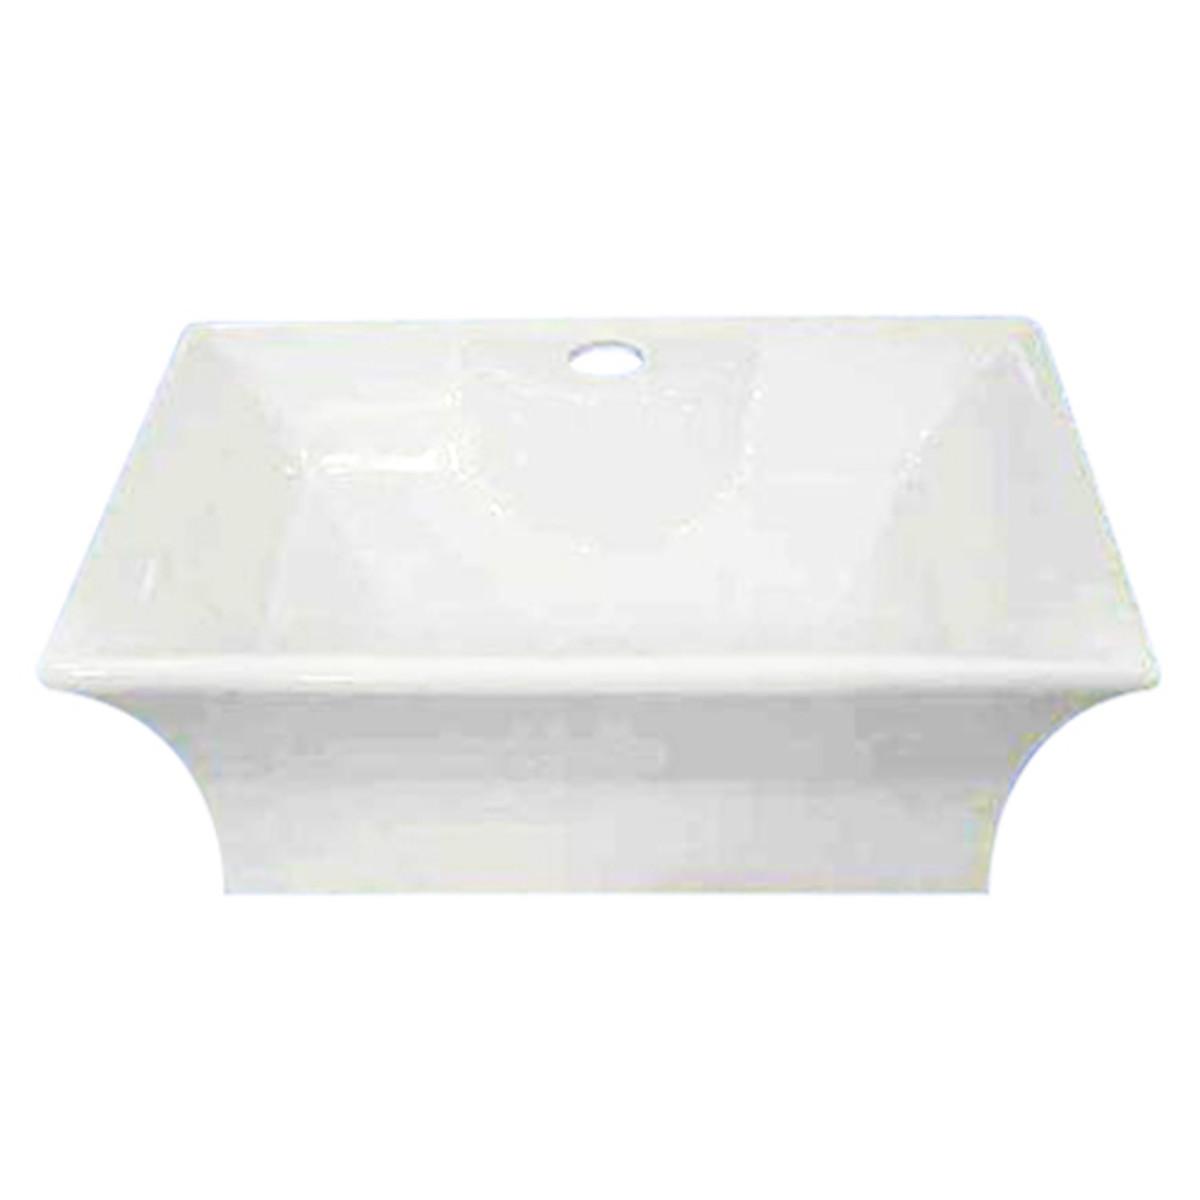 Lavabi appoggio: prezzi e offerte online per lavabi appoggio